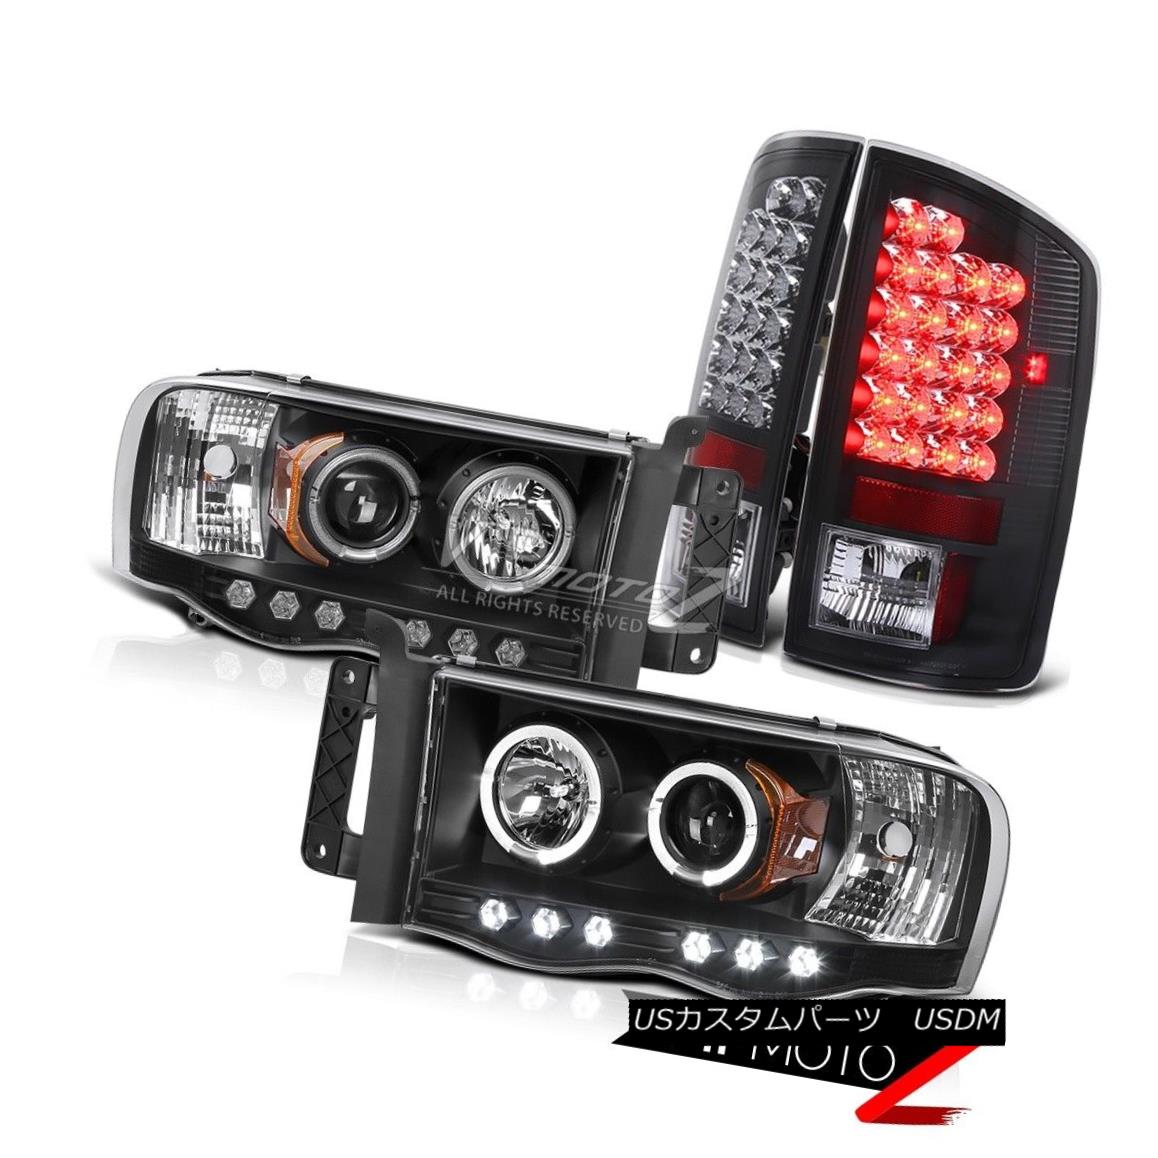 テールライト Dodge 2002-2005 RAM 1500 HaLo Projector Black L+R Headlight+LED Tail Light Lamp Dodge 2002-2005 RAM 1500 HaLoプロジェクターブラックL + Rヘッドライト+ LEDテールライトランプ